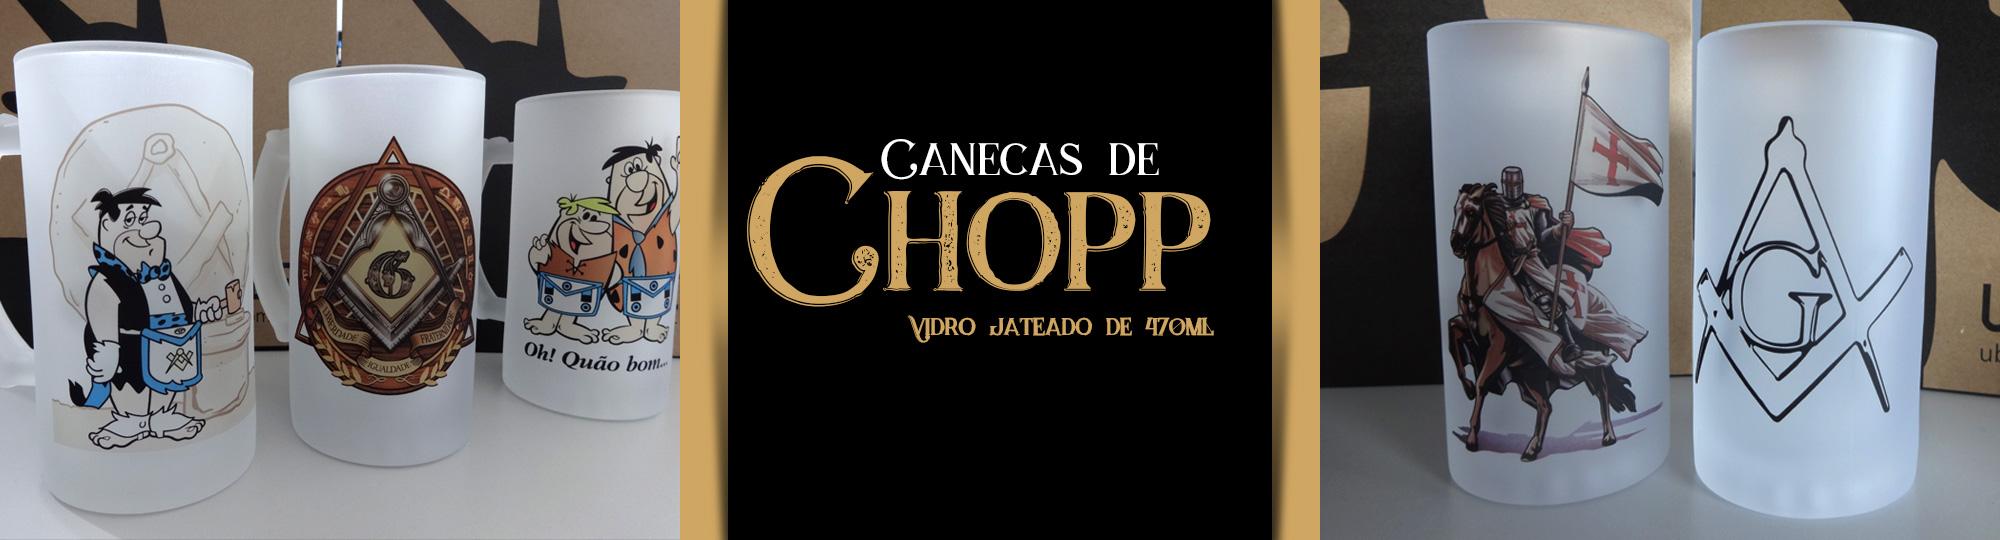 Canecas Chopp